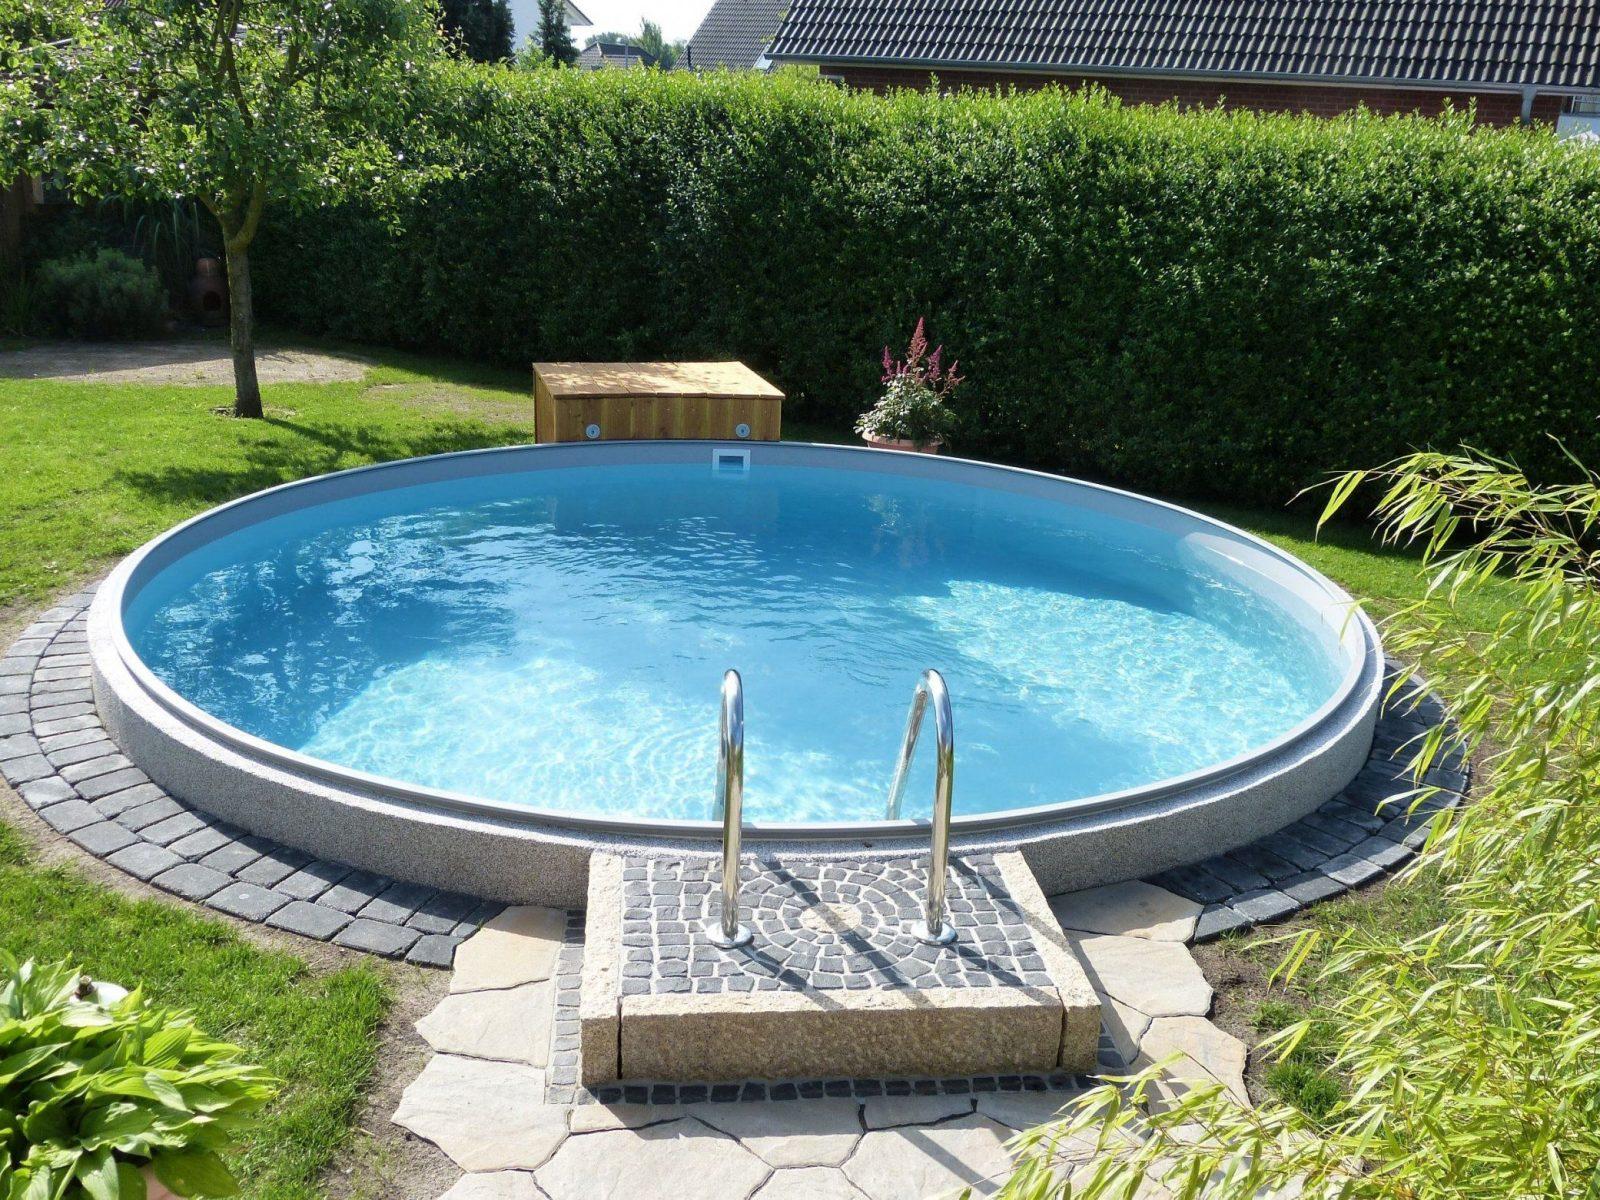 pool selber mauern anleitung bauen a kostenaufstellung. Black Bedroom Furniture Sets. Home Design Ideas